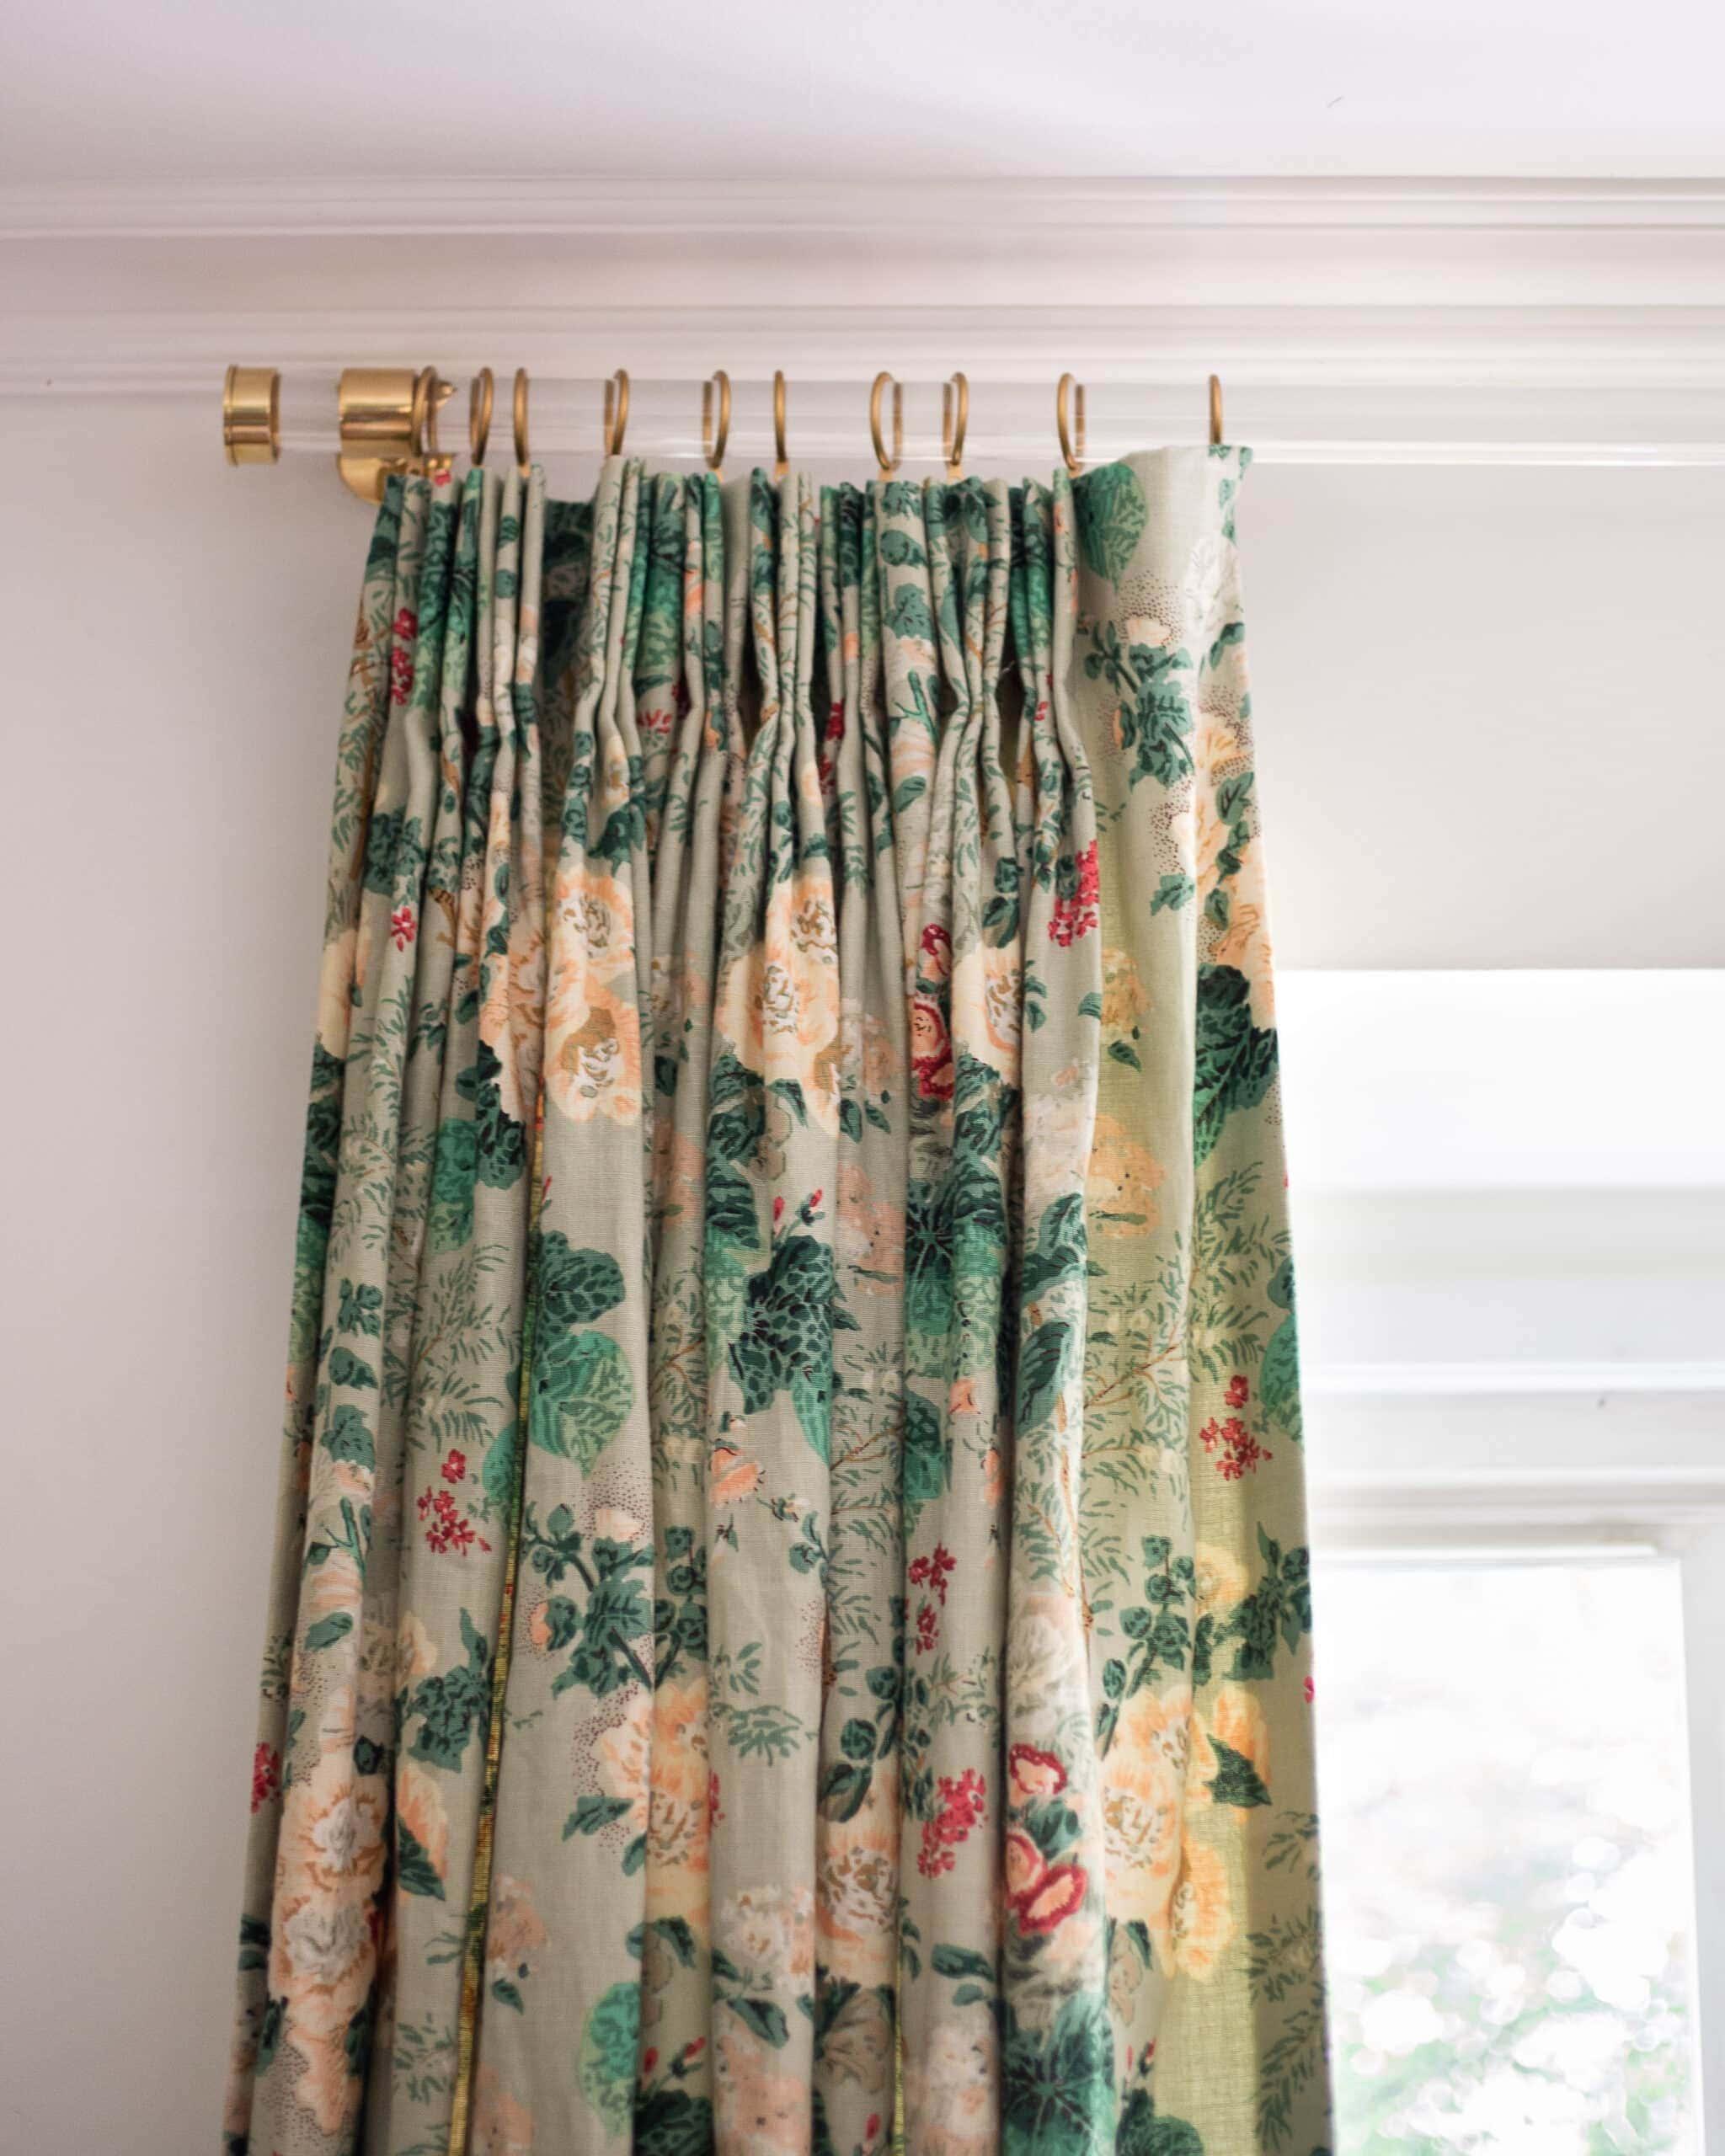 diy-lucite-rod-tutorial-custom-drapes